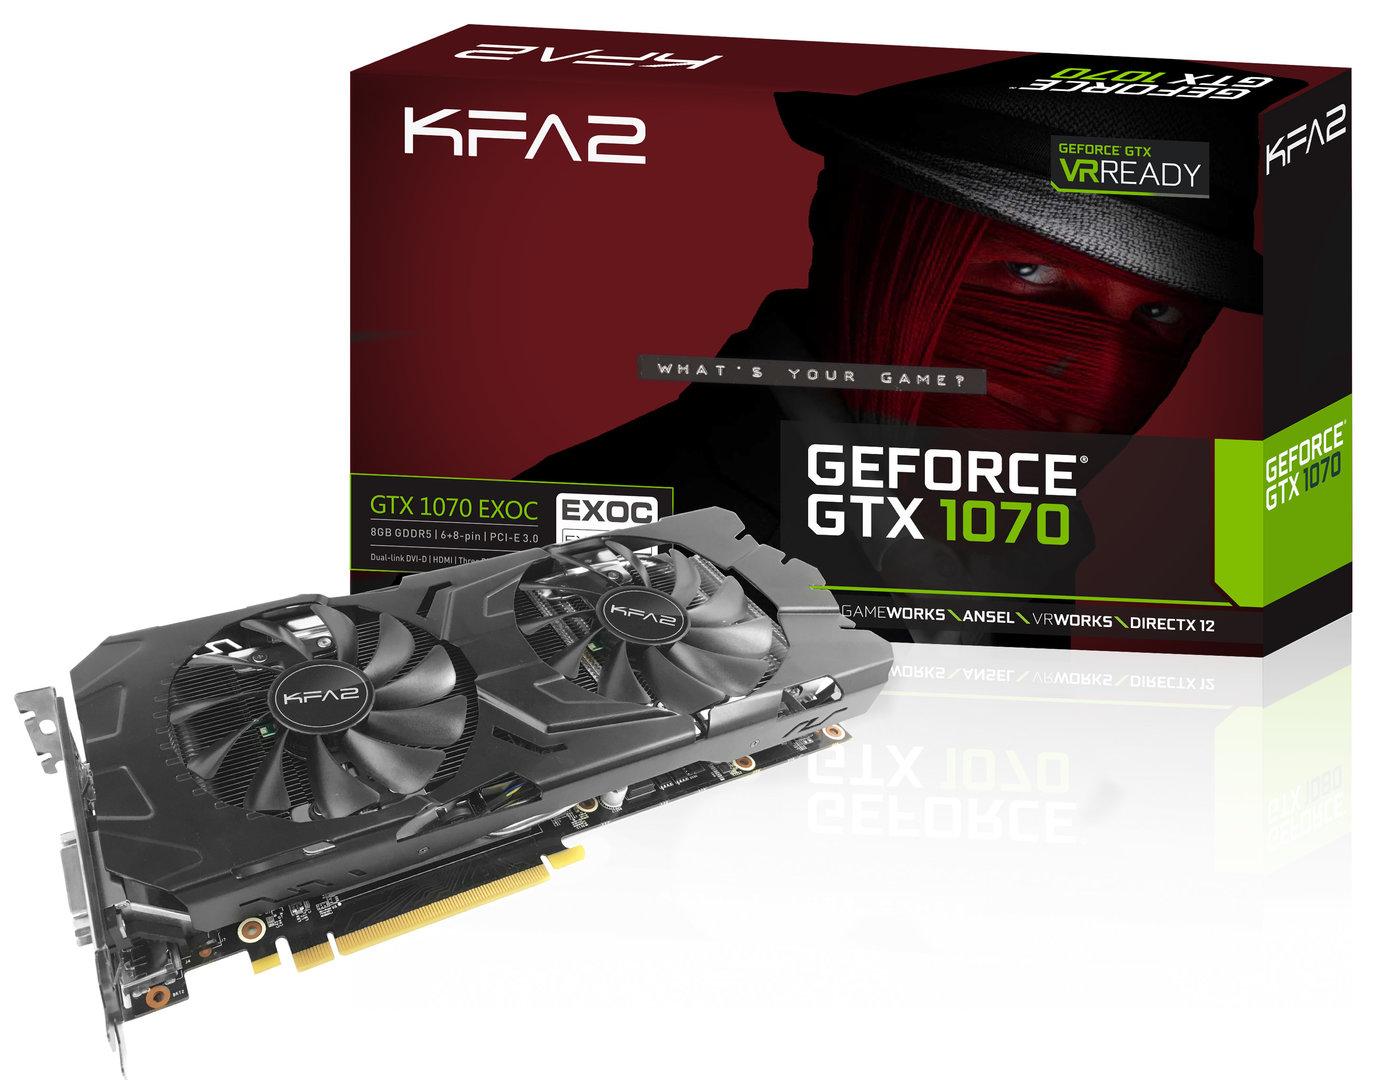 KFA² GeForce GTX 1070 EXOC